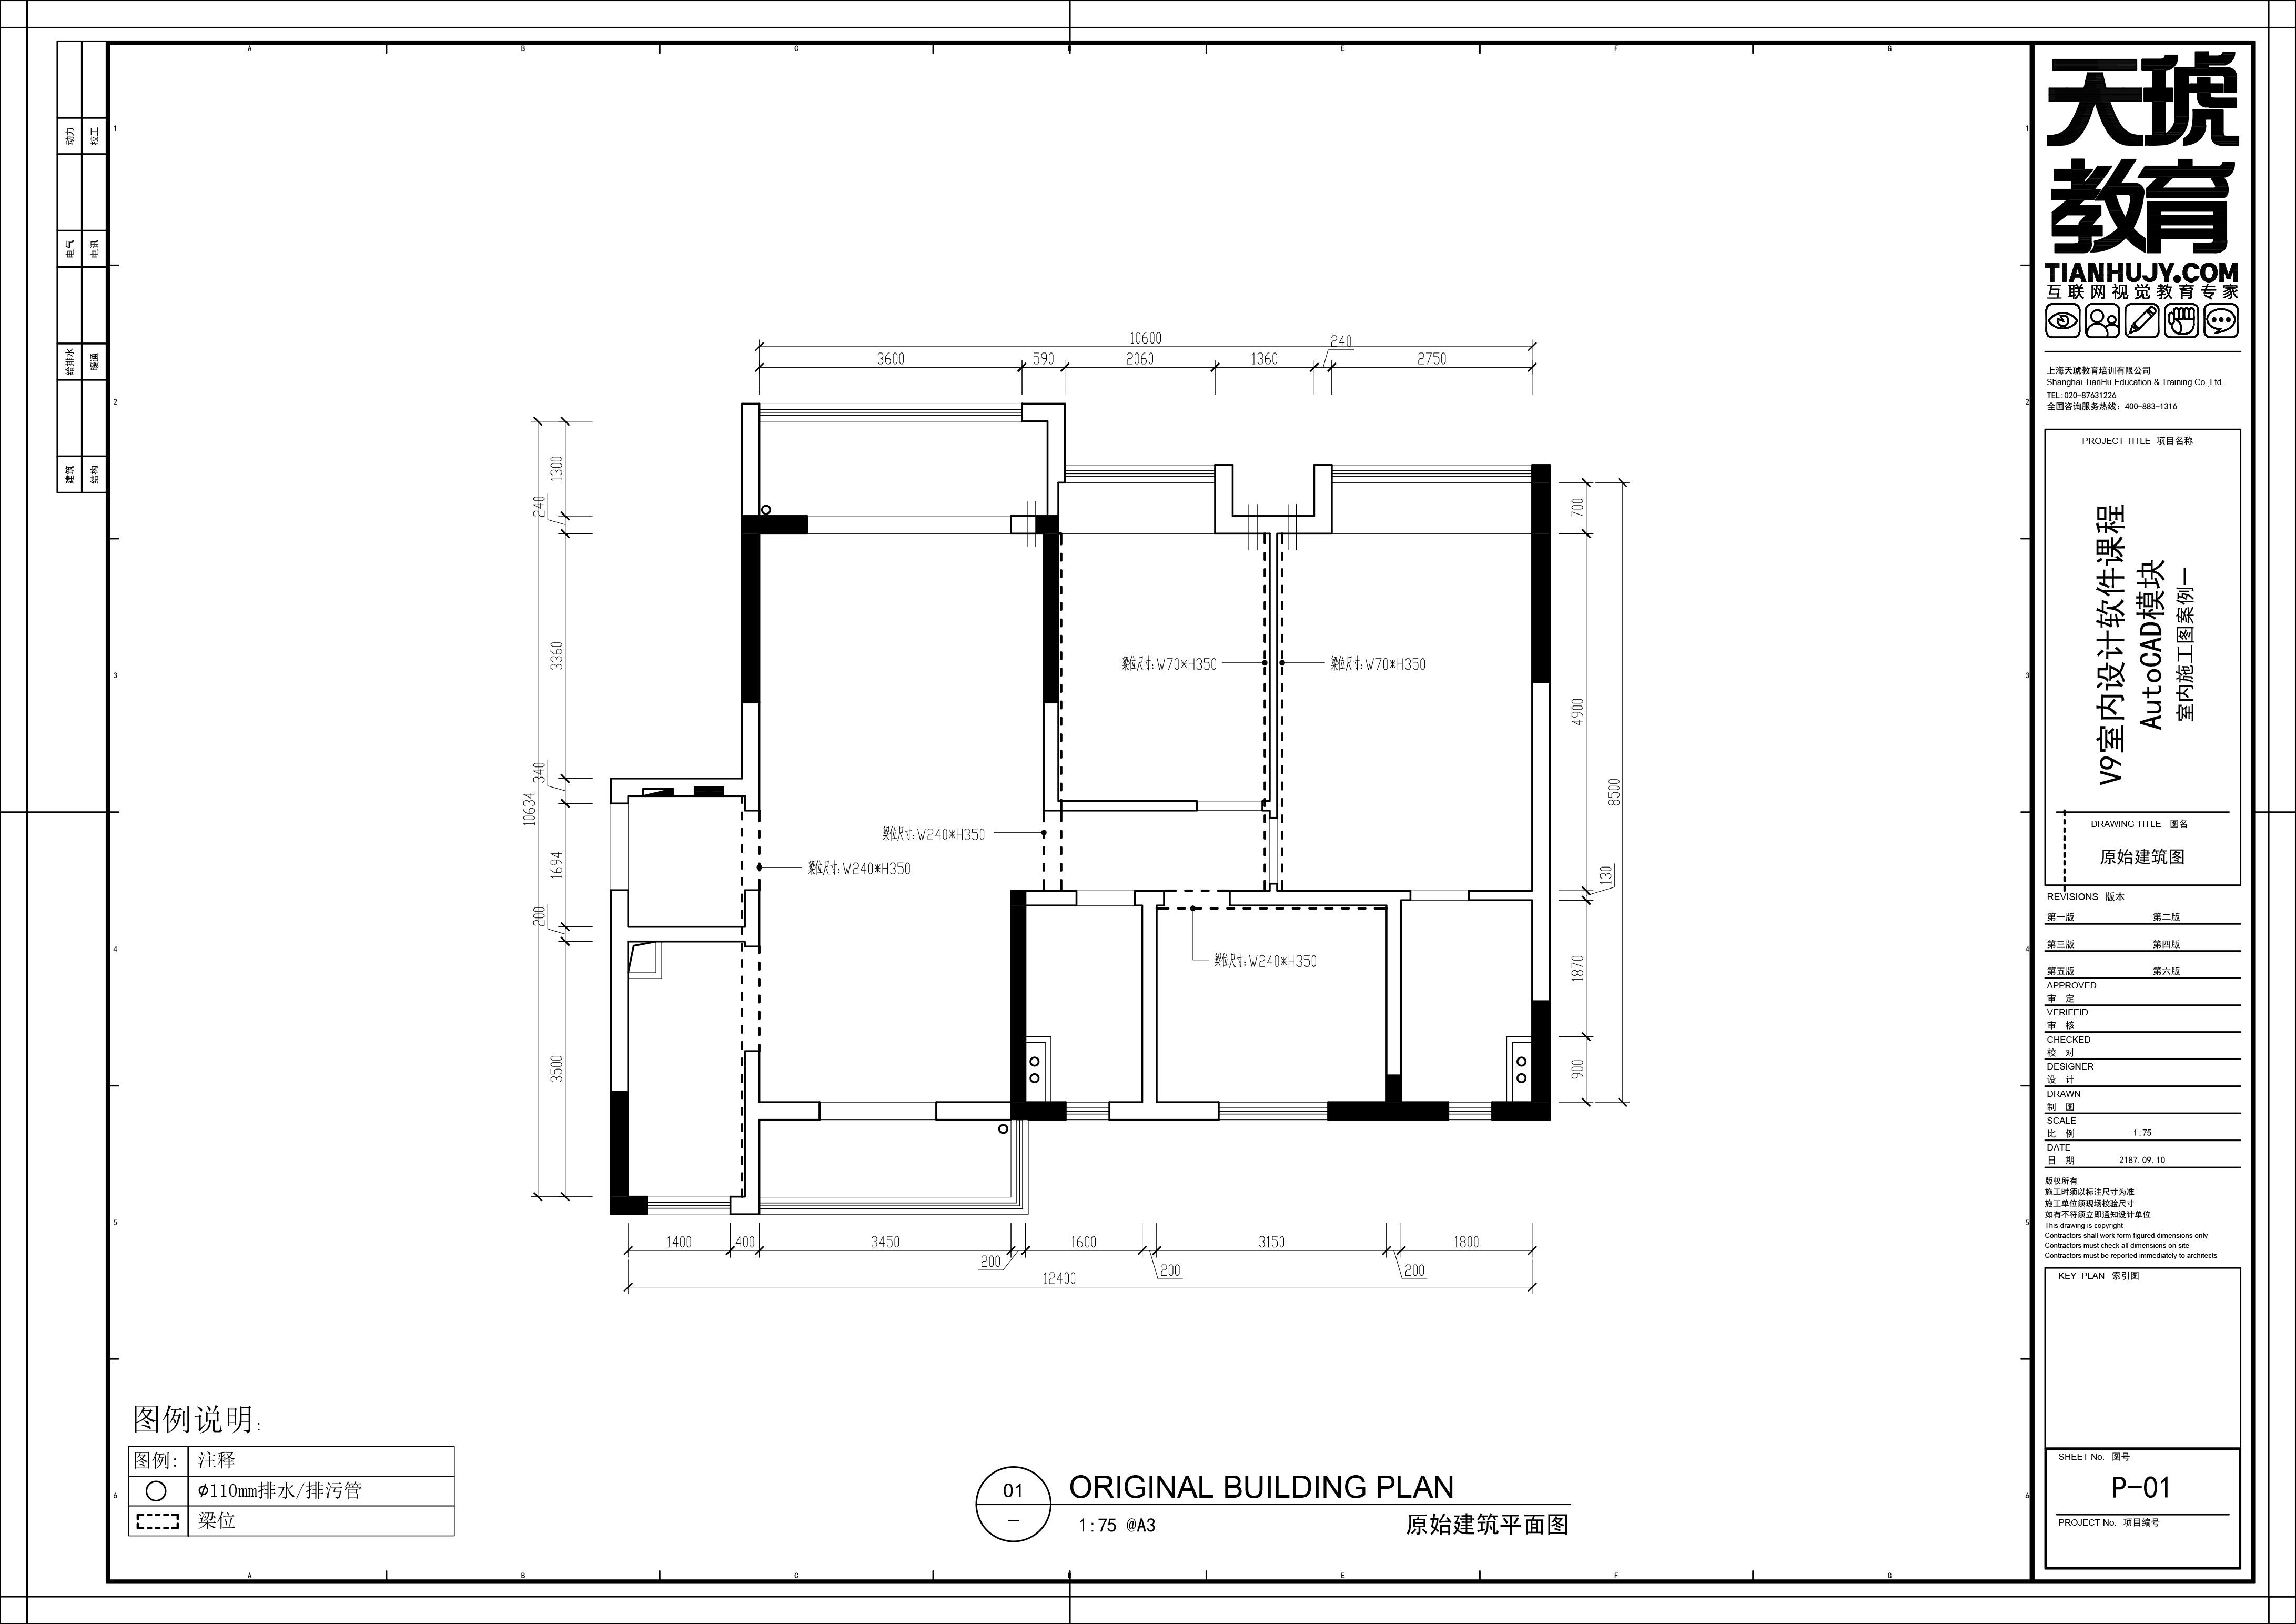 教师点评:  图纸内容完整,线型线宽设置合理得当,原始结构图窗户标注